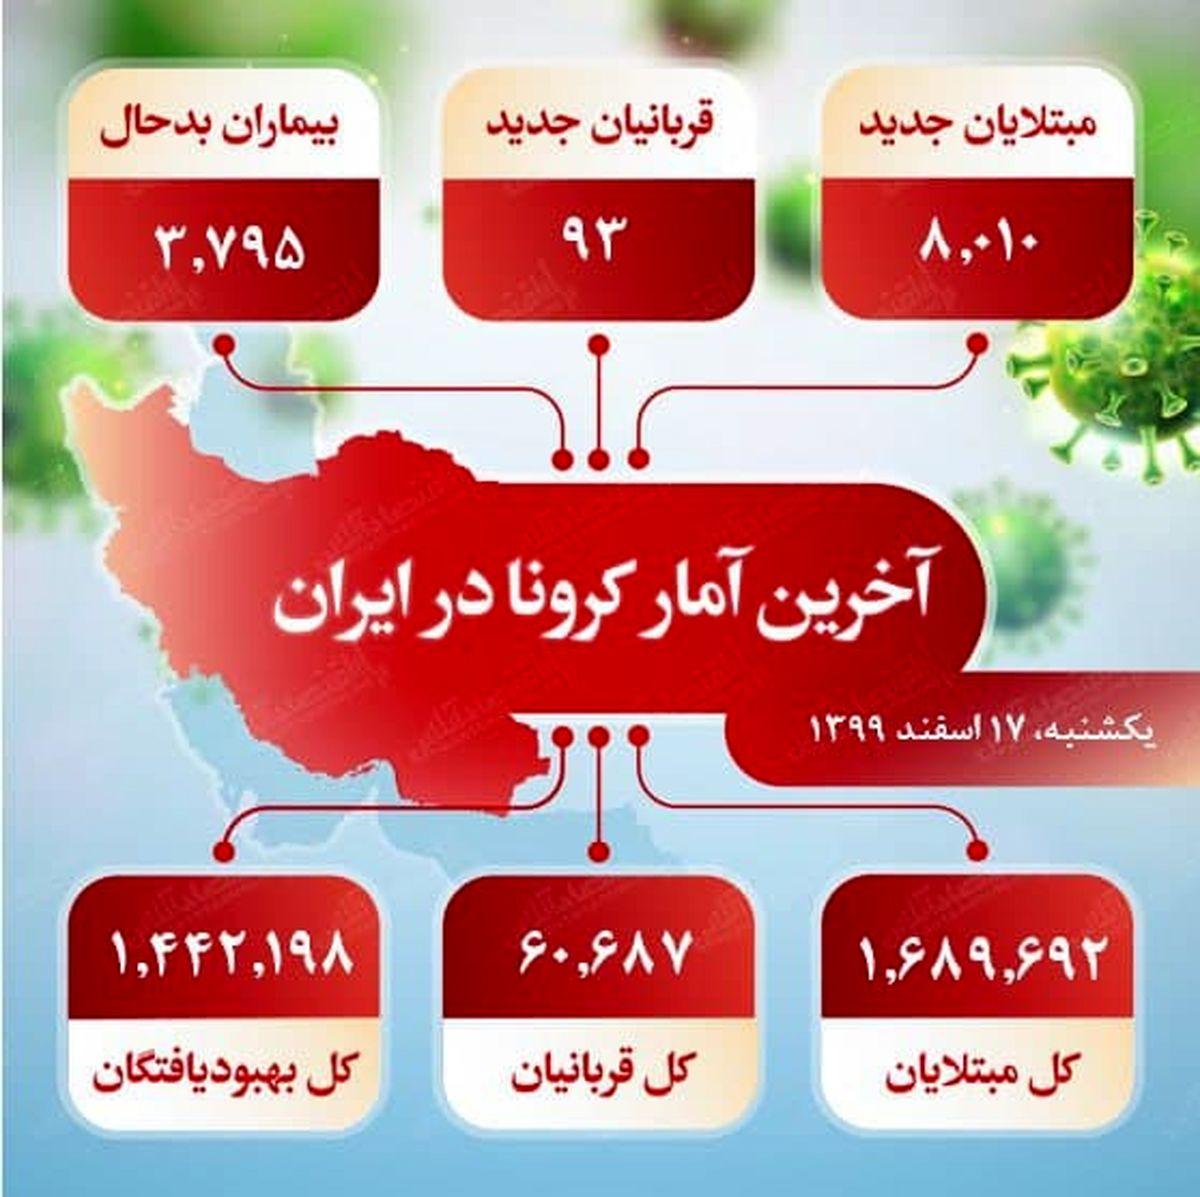 آخرین آمار کرونا در ایران (۹۹/۱۲/۱۷)